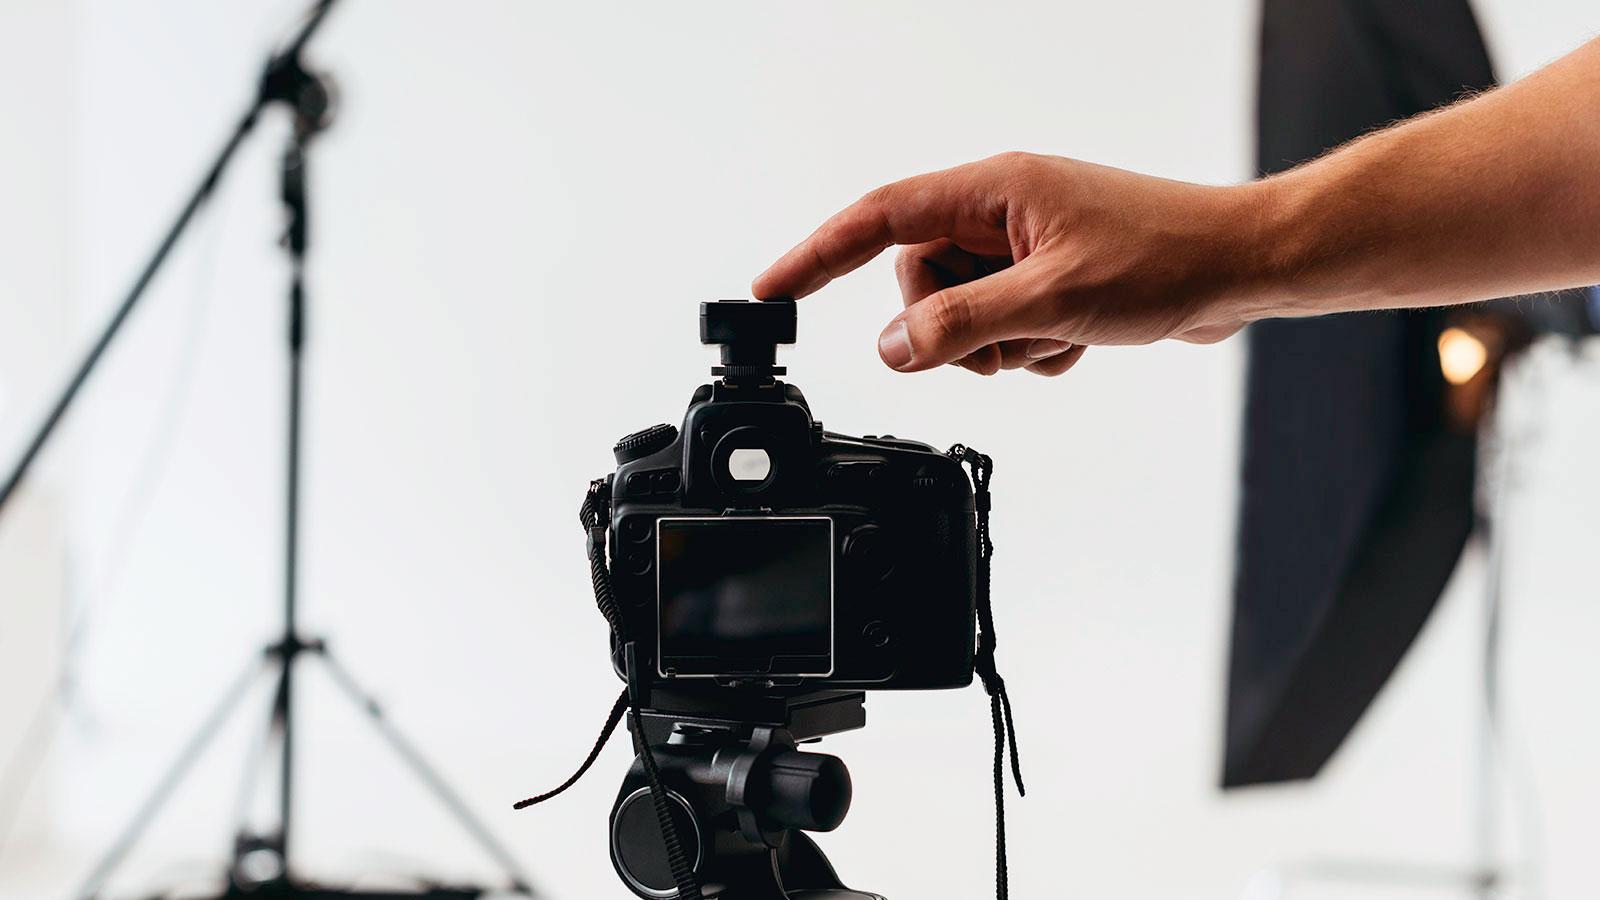 processo prod video 1 - Você sabe como é o processo de produção de um vídeo? Nós te ensinamos!